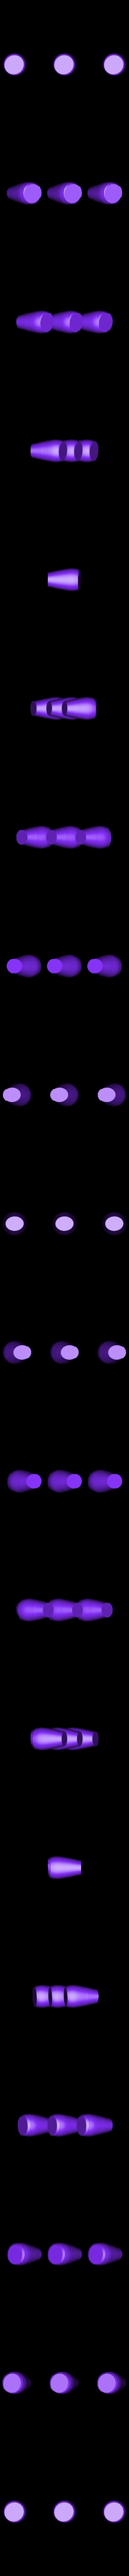 legs_right.stl Télécharger fichier STL gratuit La Chenille • Modèle pour imprimante 3D, reddadsteve